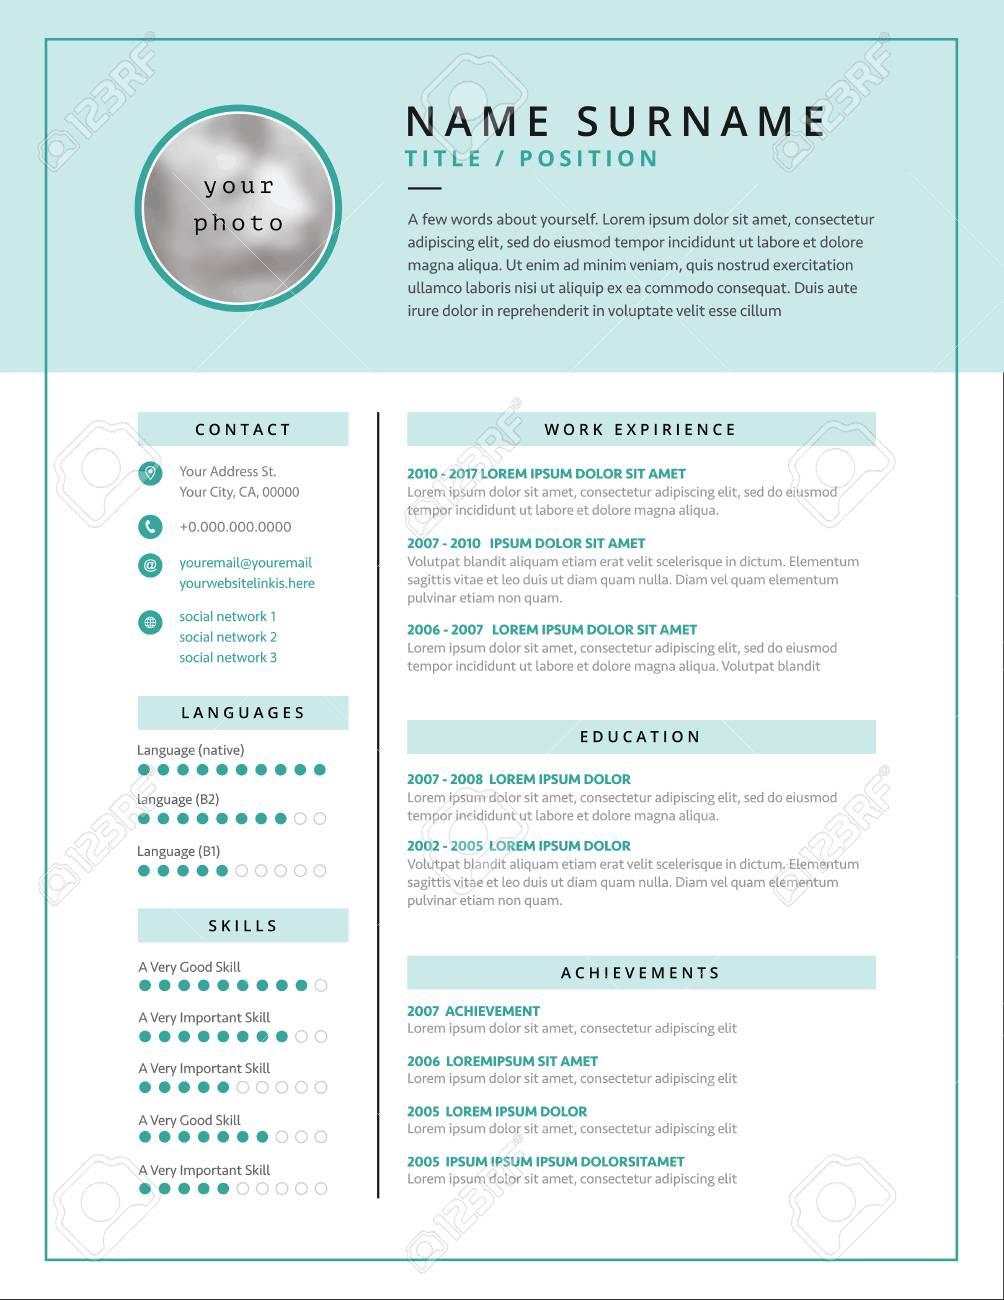 Cv Medical Curriculum Vitae Exemple De Conception De Modele Pour Les Medecins Curriculum Vitae De Fond De Couleur Blanc Et Bleu Sarcelle Conception De Vecteur Propre Et Claire Minimaliste